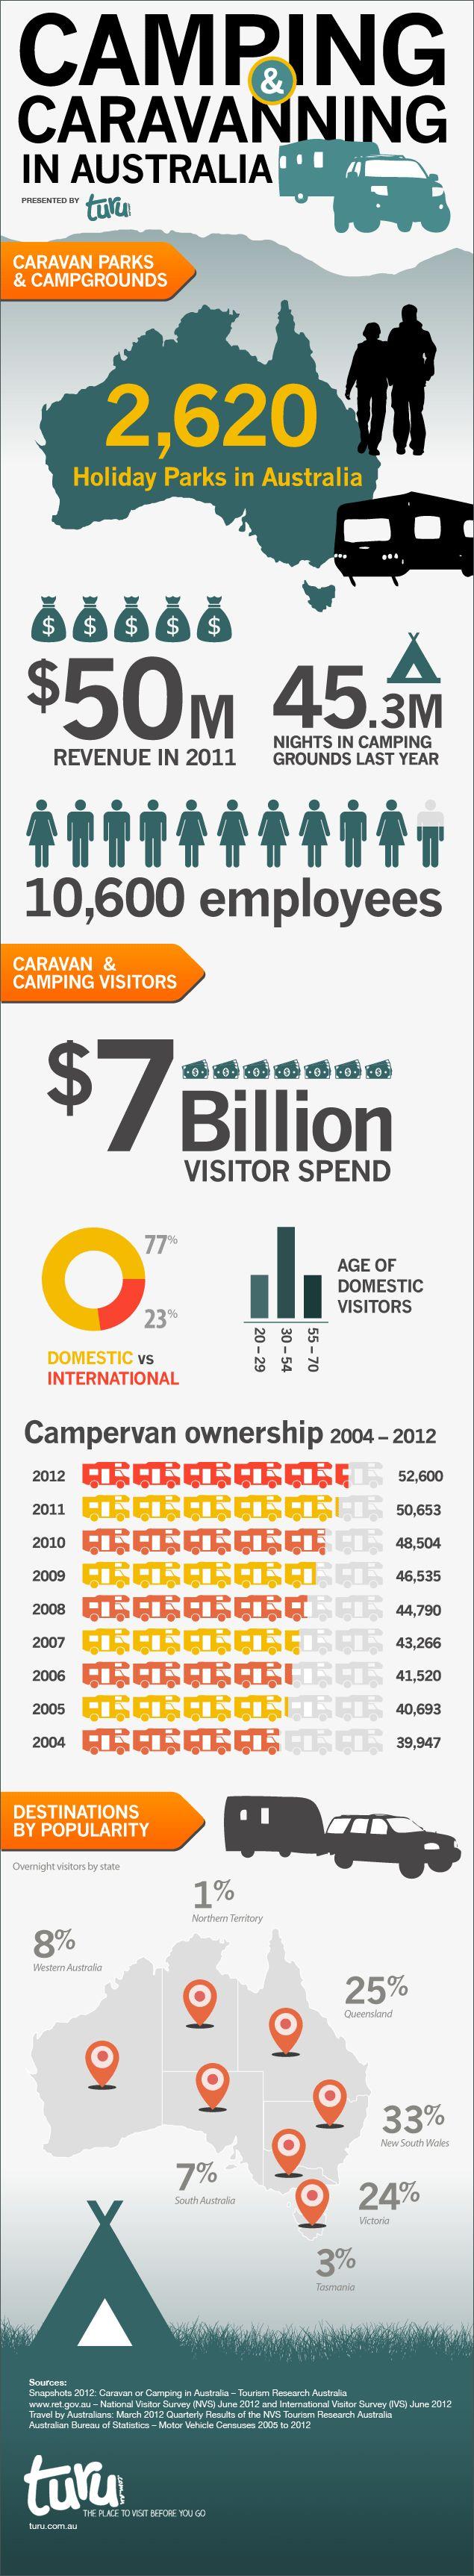 Caravanning in Australia, Travel Statistics & Facts